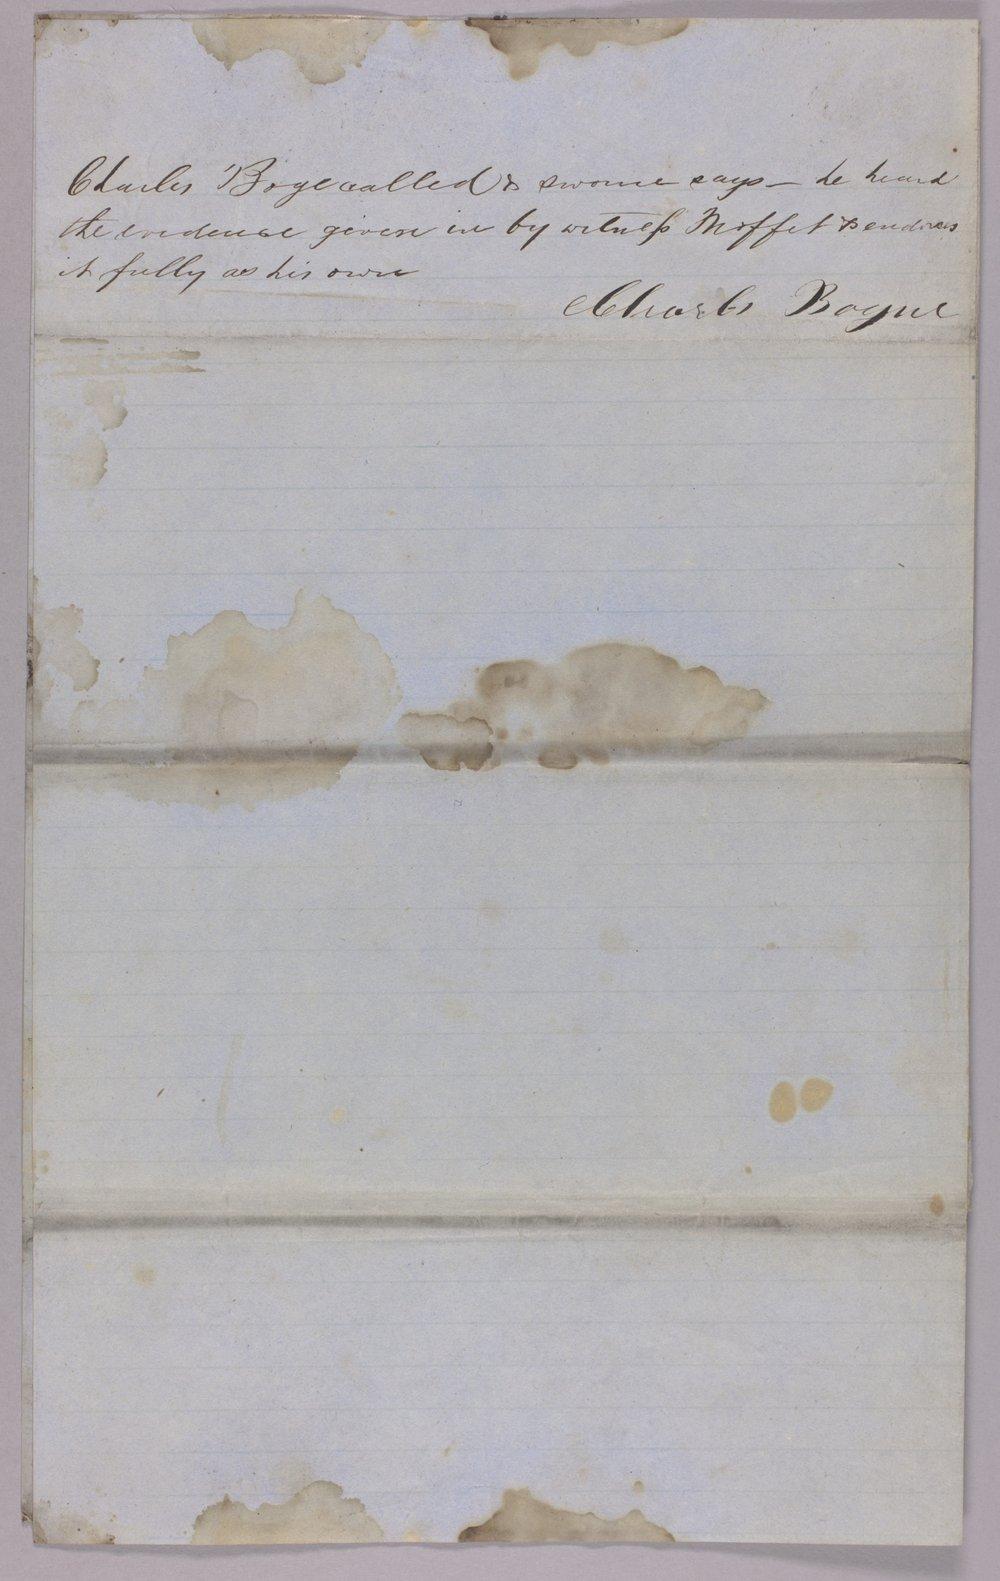 Kansas Territory versus A. J. Armstrong for assault on Orlando Moffitt - 4